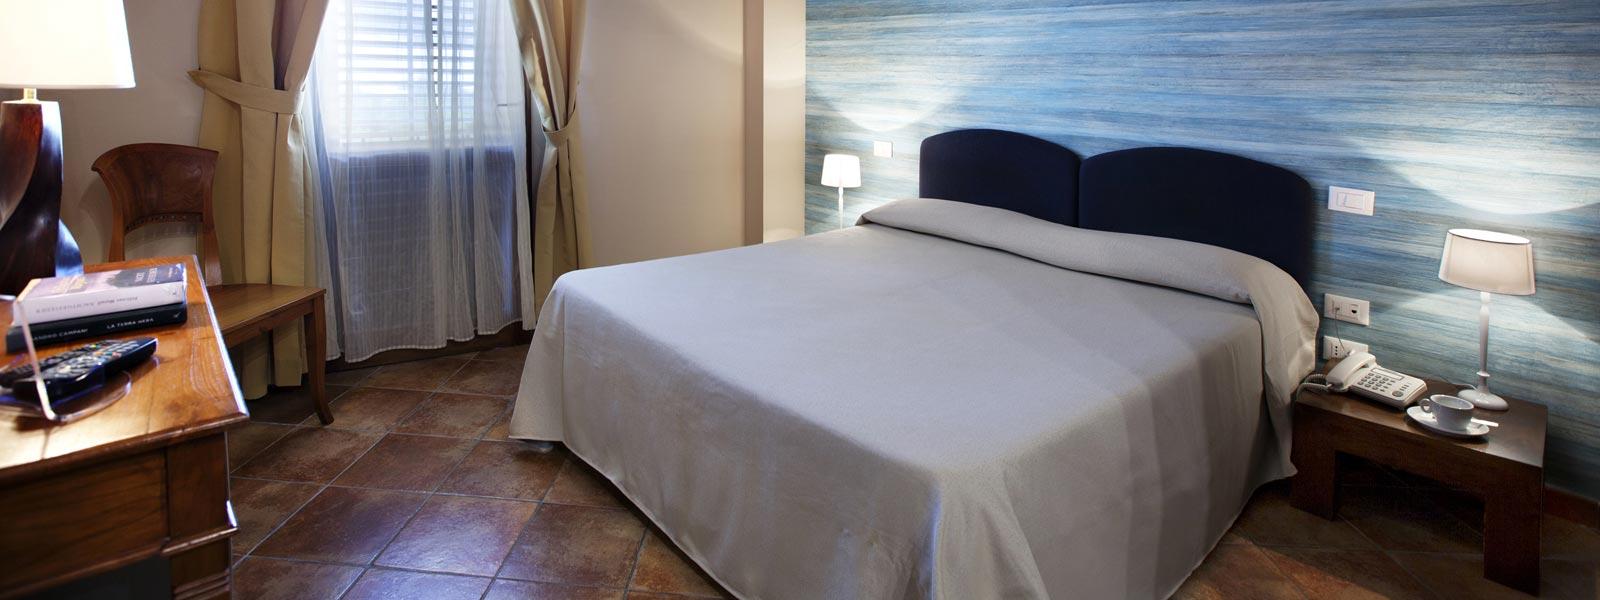 Favignana_Hotel_Isole-Egadi-7959